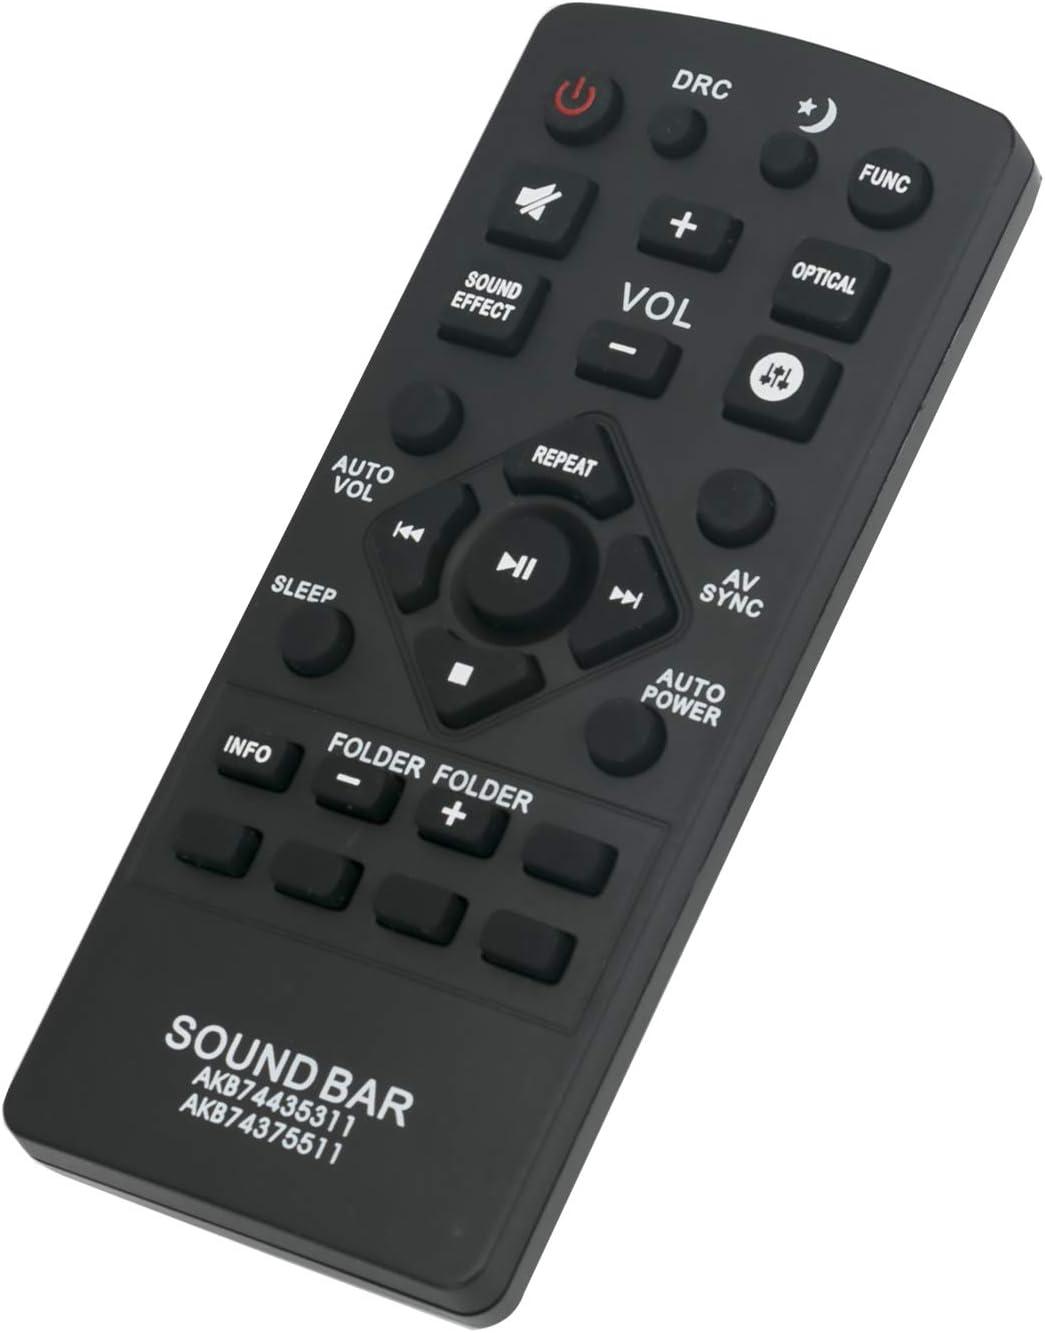 ALLIMITY AKB74435311 Reemplace el Mando a Distancia por LG Sound Bar LAP250H LAS450H LAS455H LAS550H